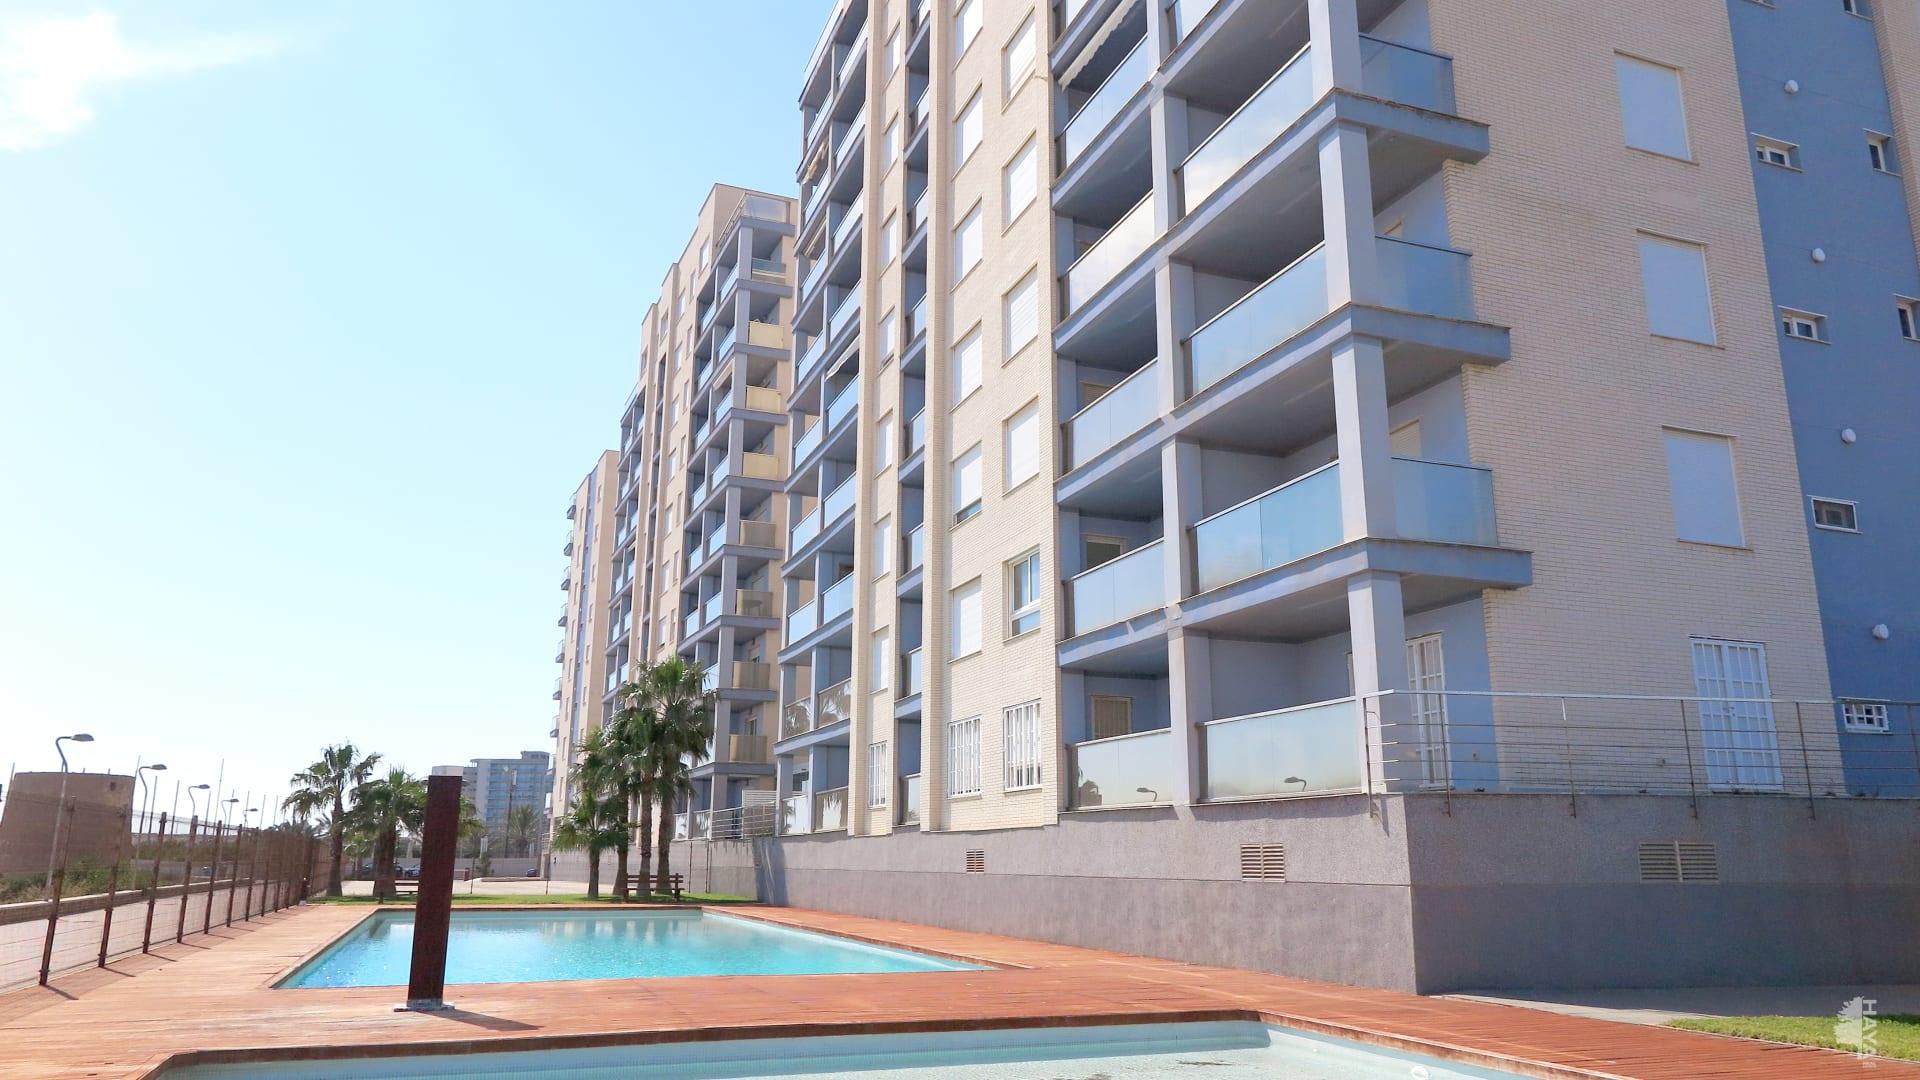 Piso en venta en San Javier, Murcia, Calle Prolongación Pol F. Conj Resid. Veneziola Golf Ii, 123.000 €, 2 habitaciones, 2 baños, 62 m2